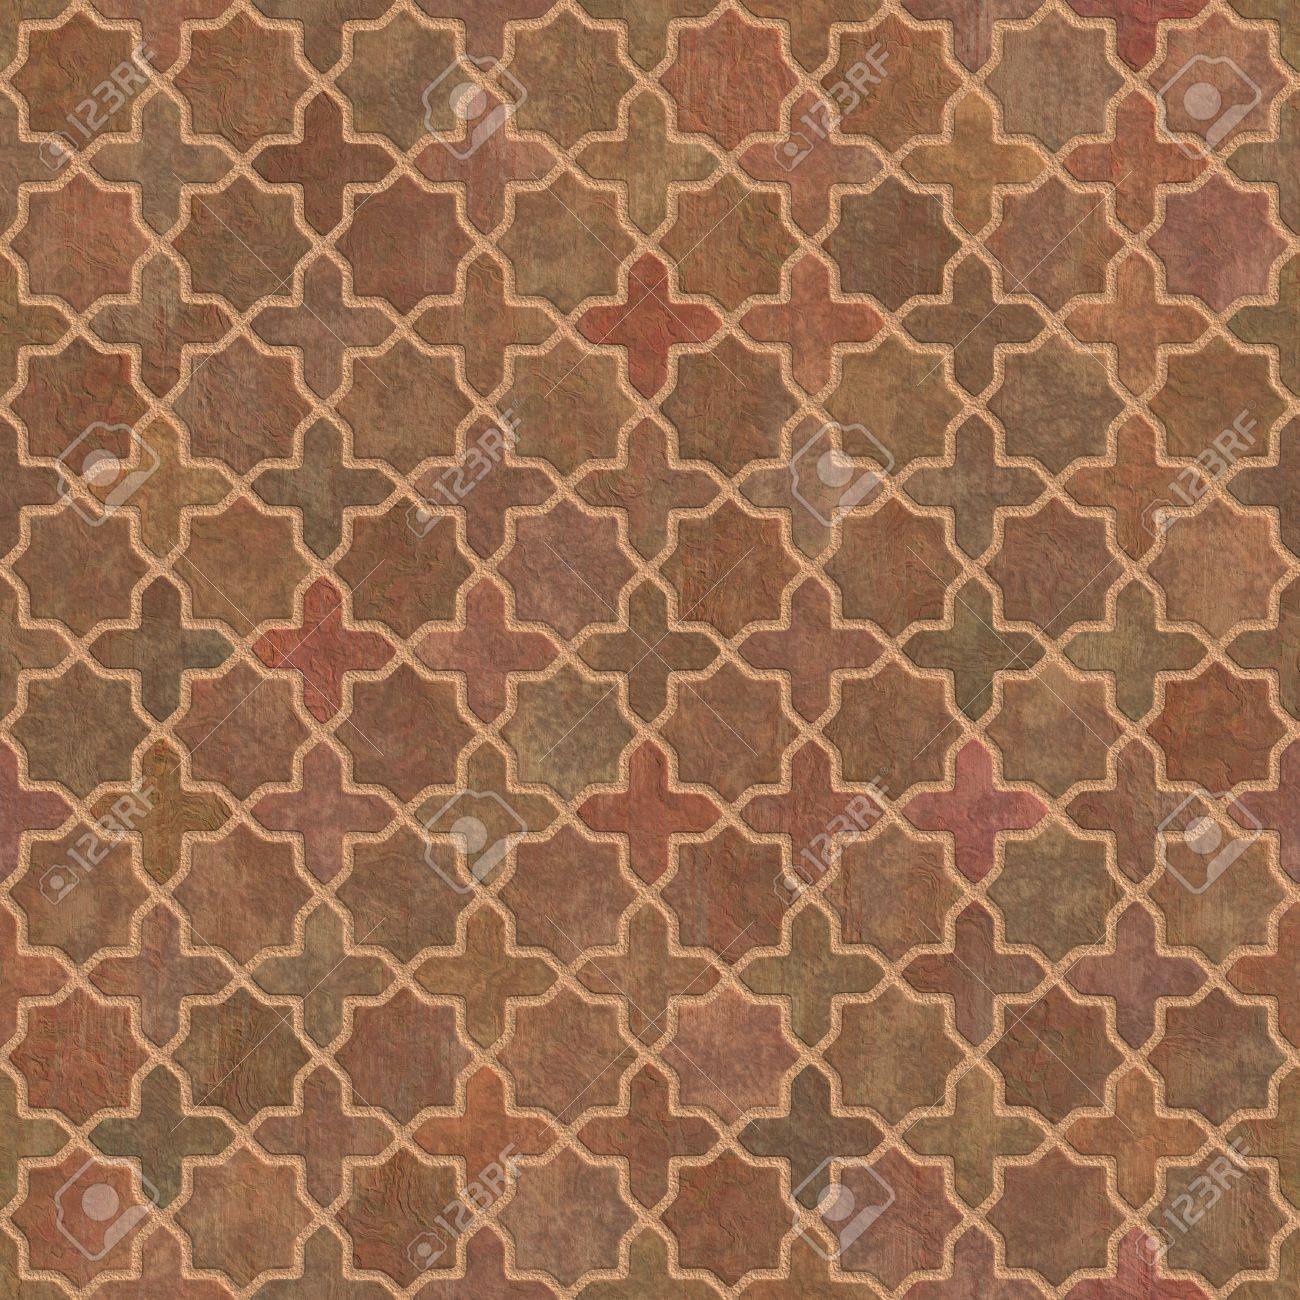 Floor Tileable Pavement Terracotta Tiles Geometric Pattern Seamless Tileablebackground Stock Photo Pavement Terracotta Tiles Geometric Pattern Seamless houzz 01 Terra Cotta Tile